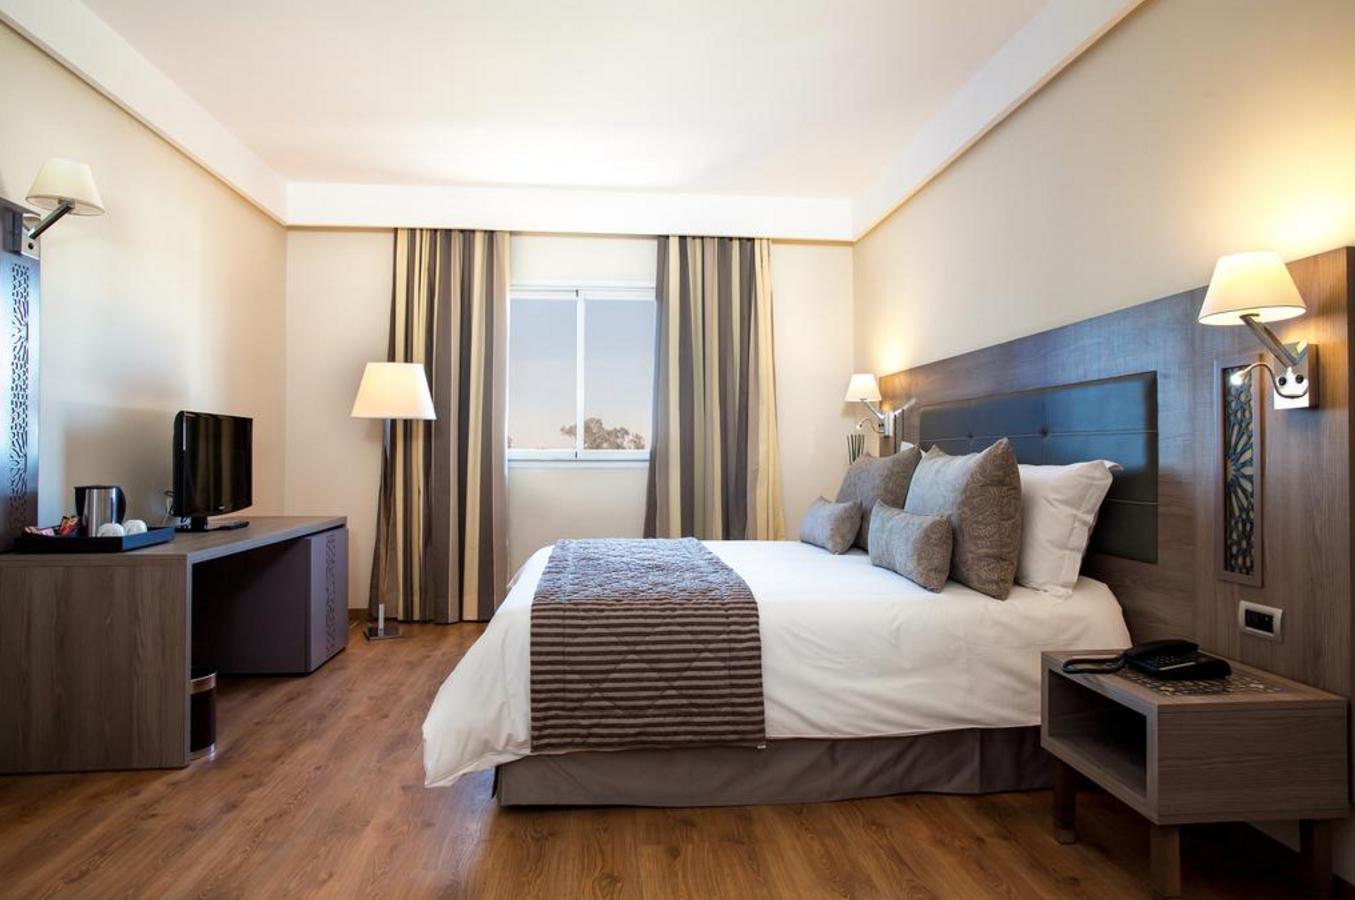 бесплатный отель в Касабланке для транзитный пассажиров air moroc